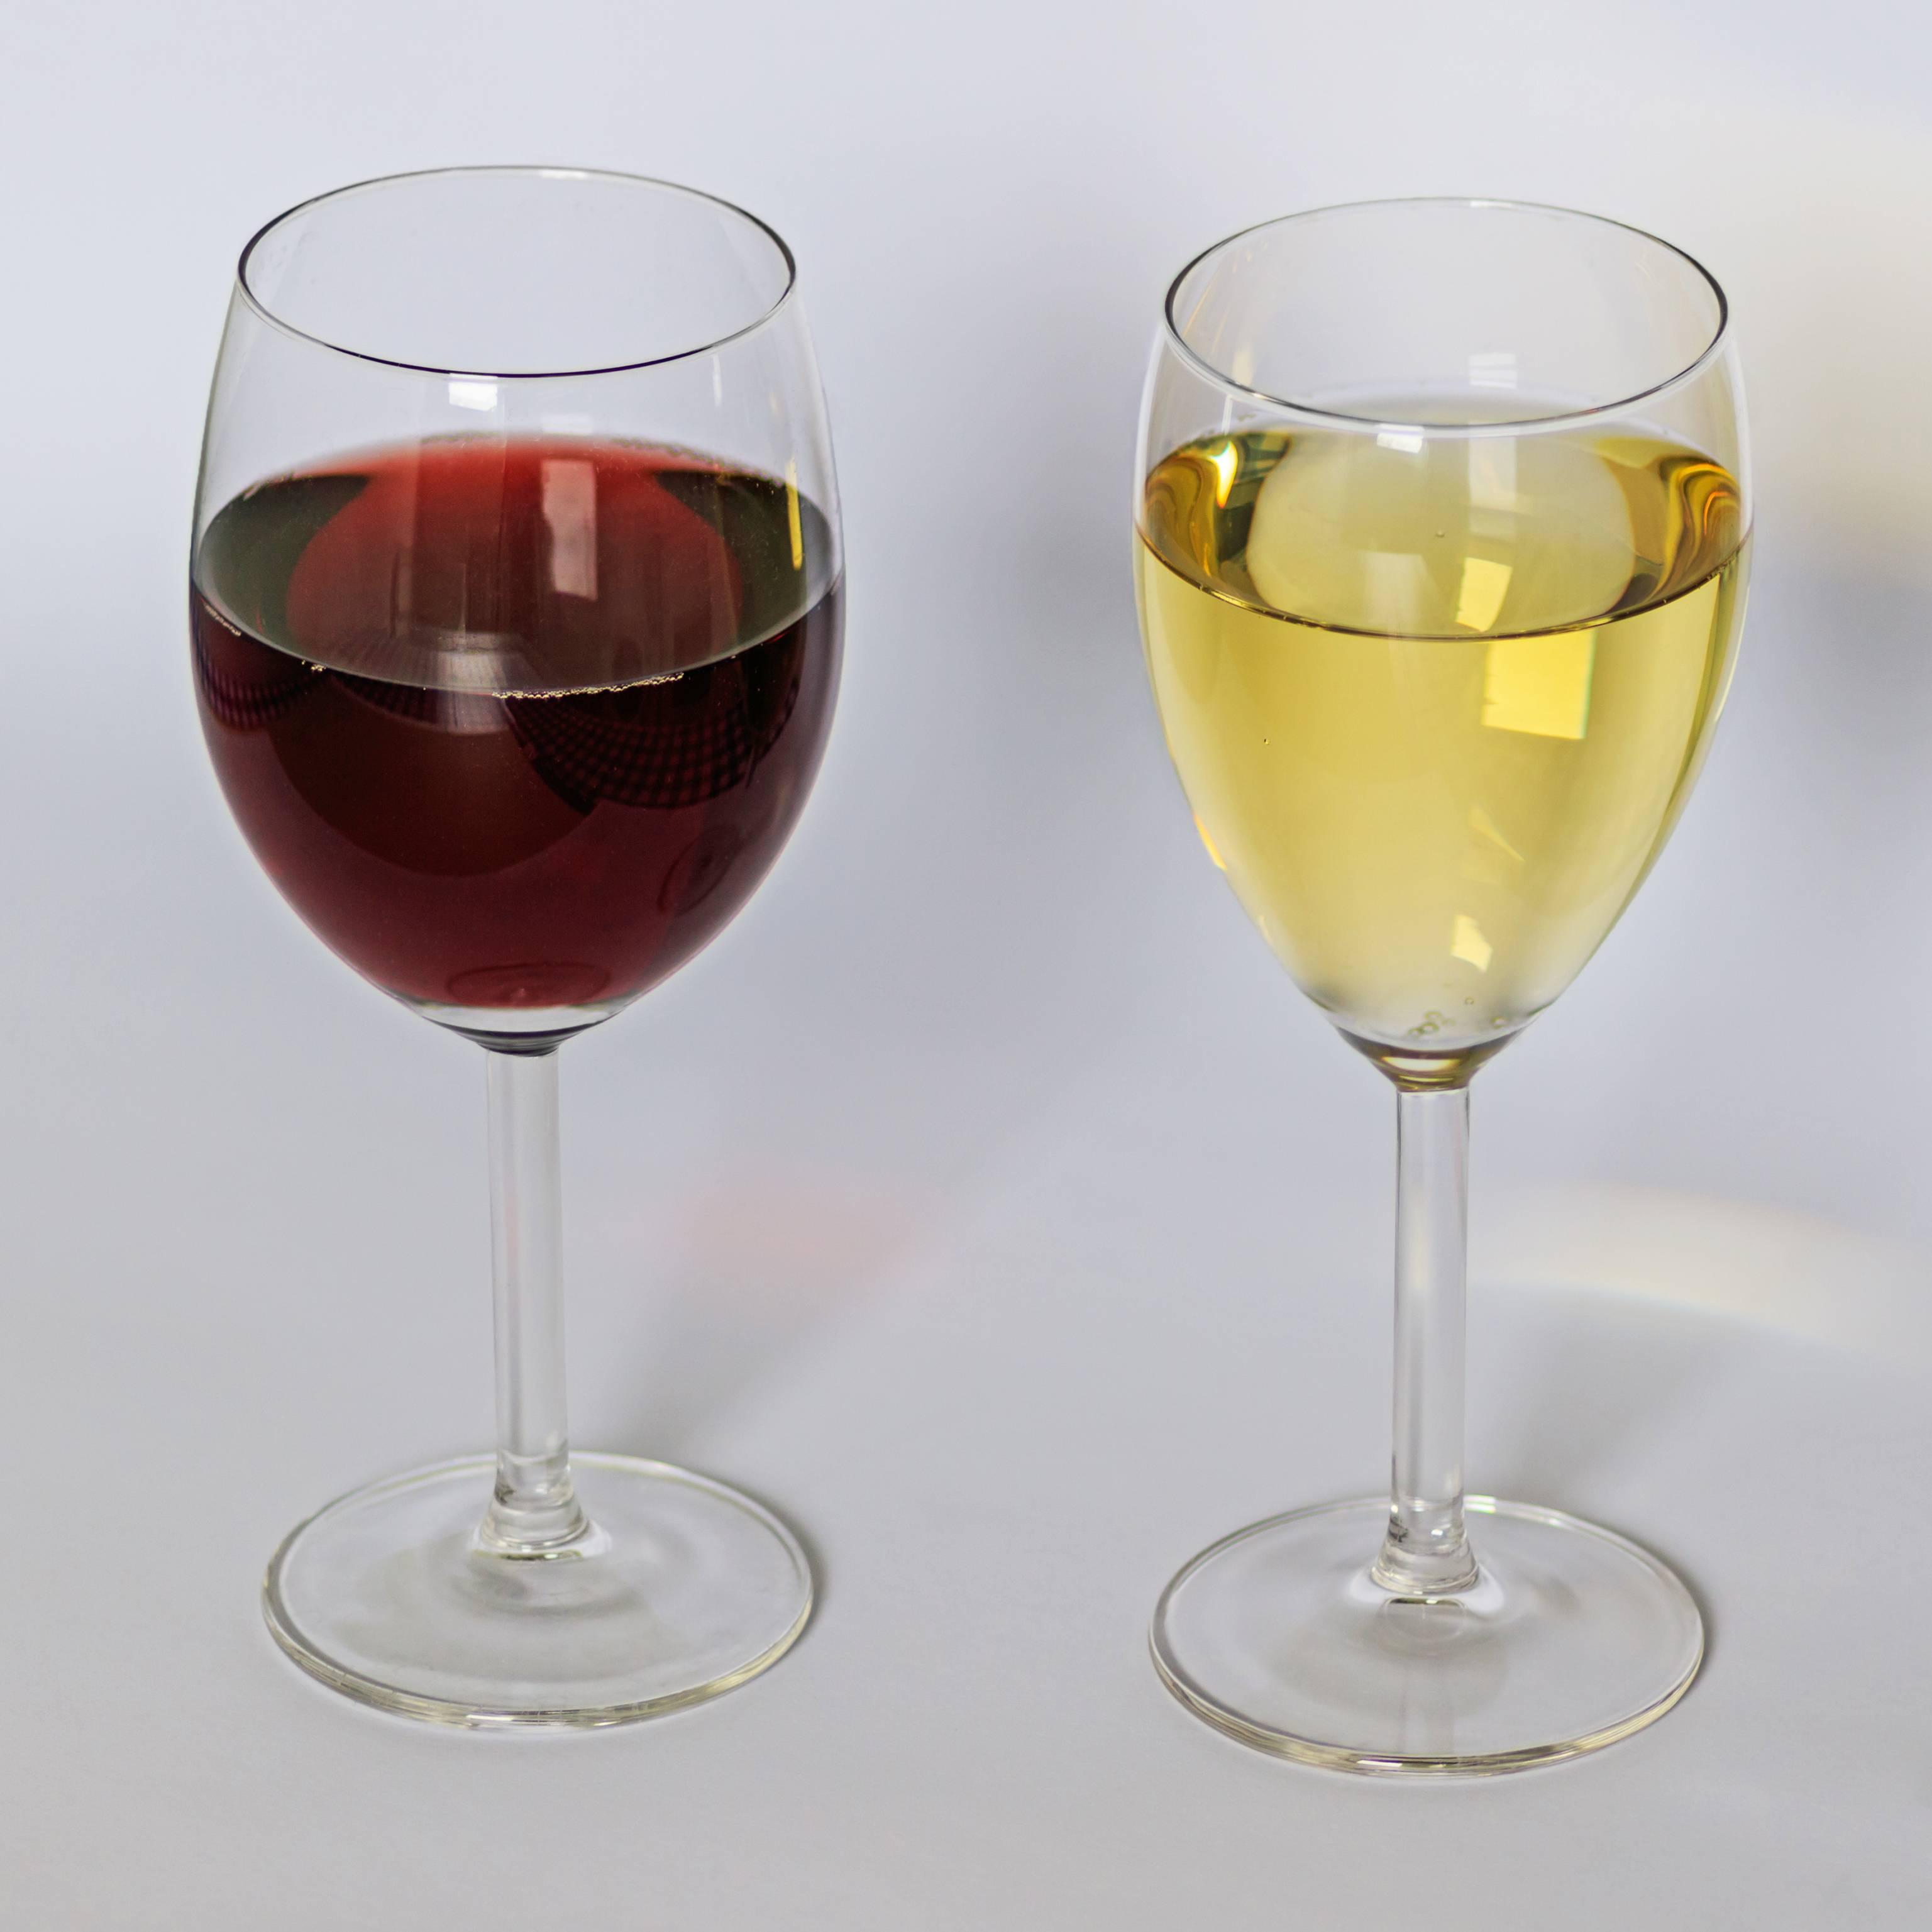 Что такое крепленое вино и можно ли сделать его самому